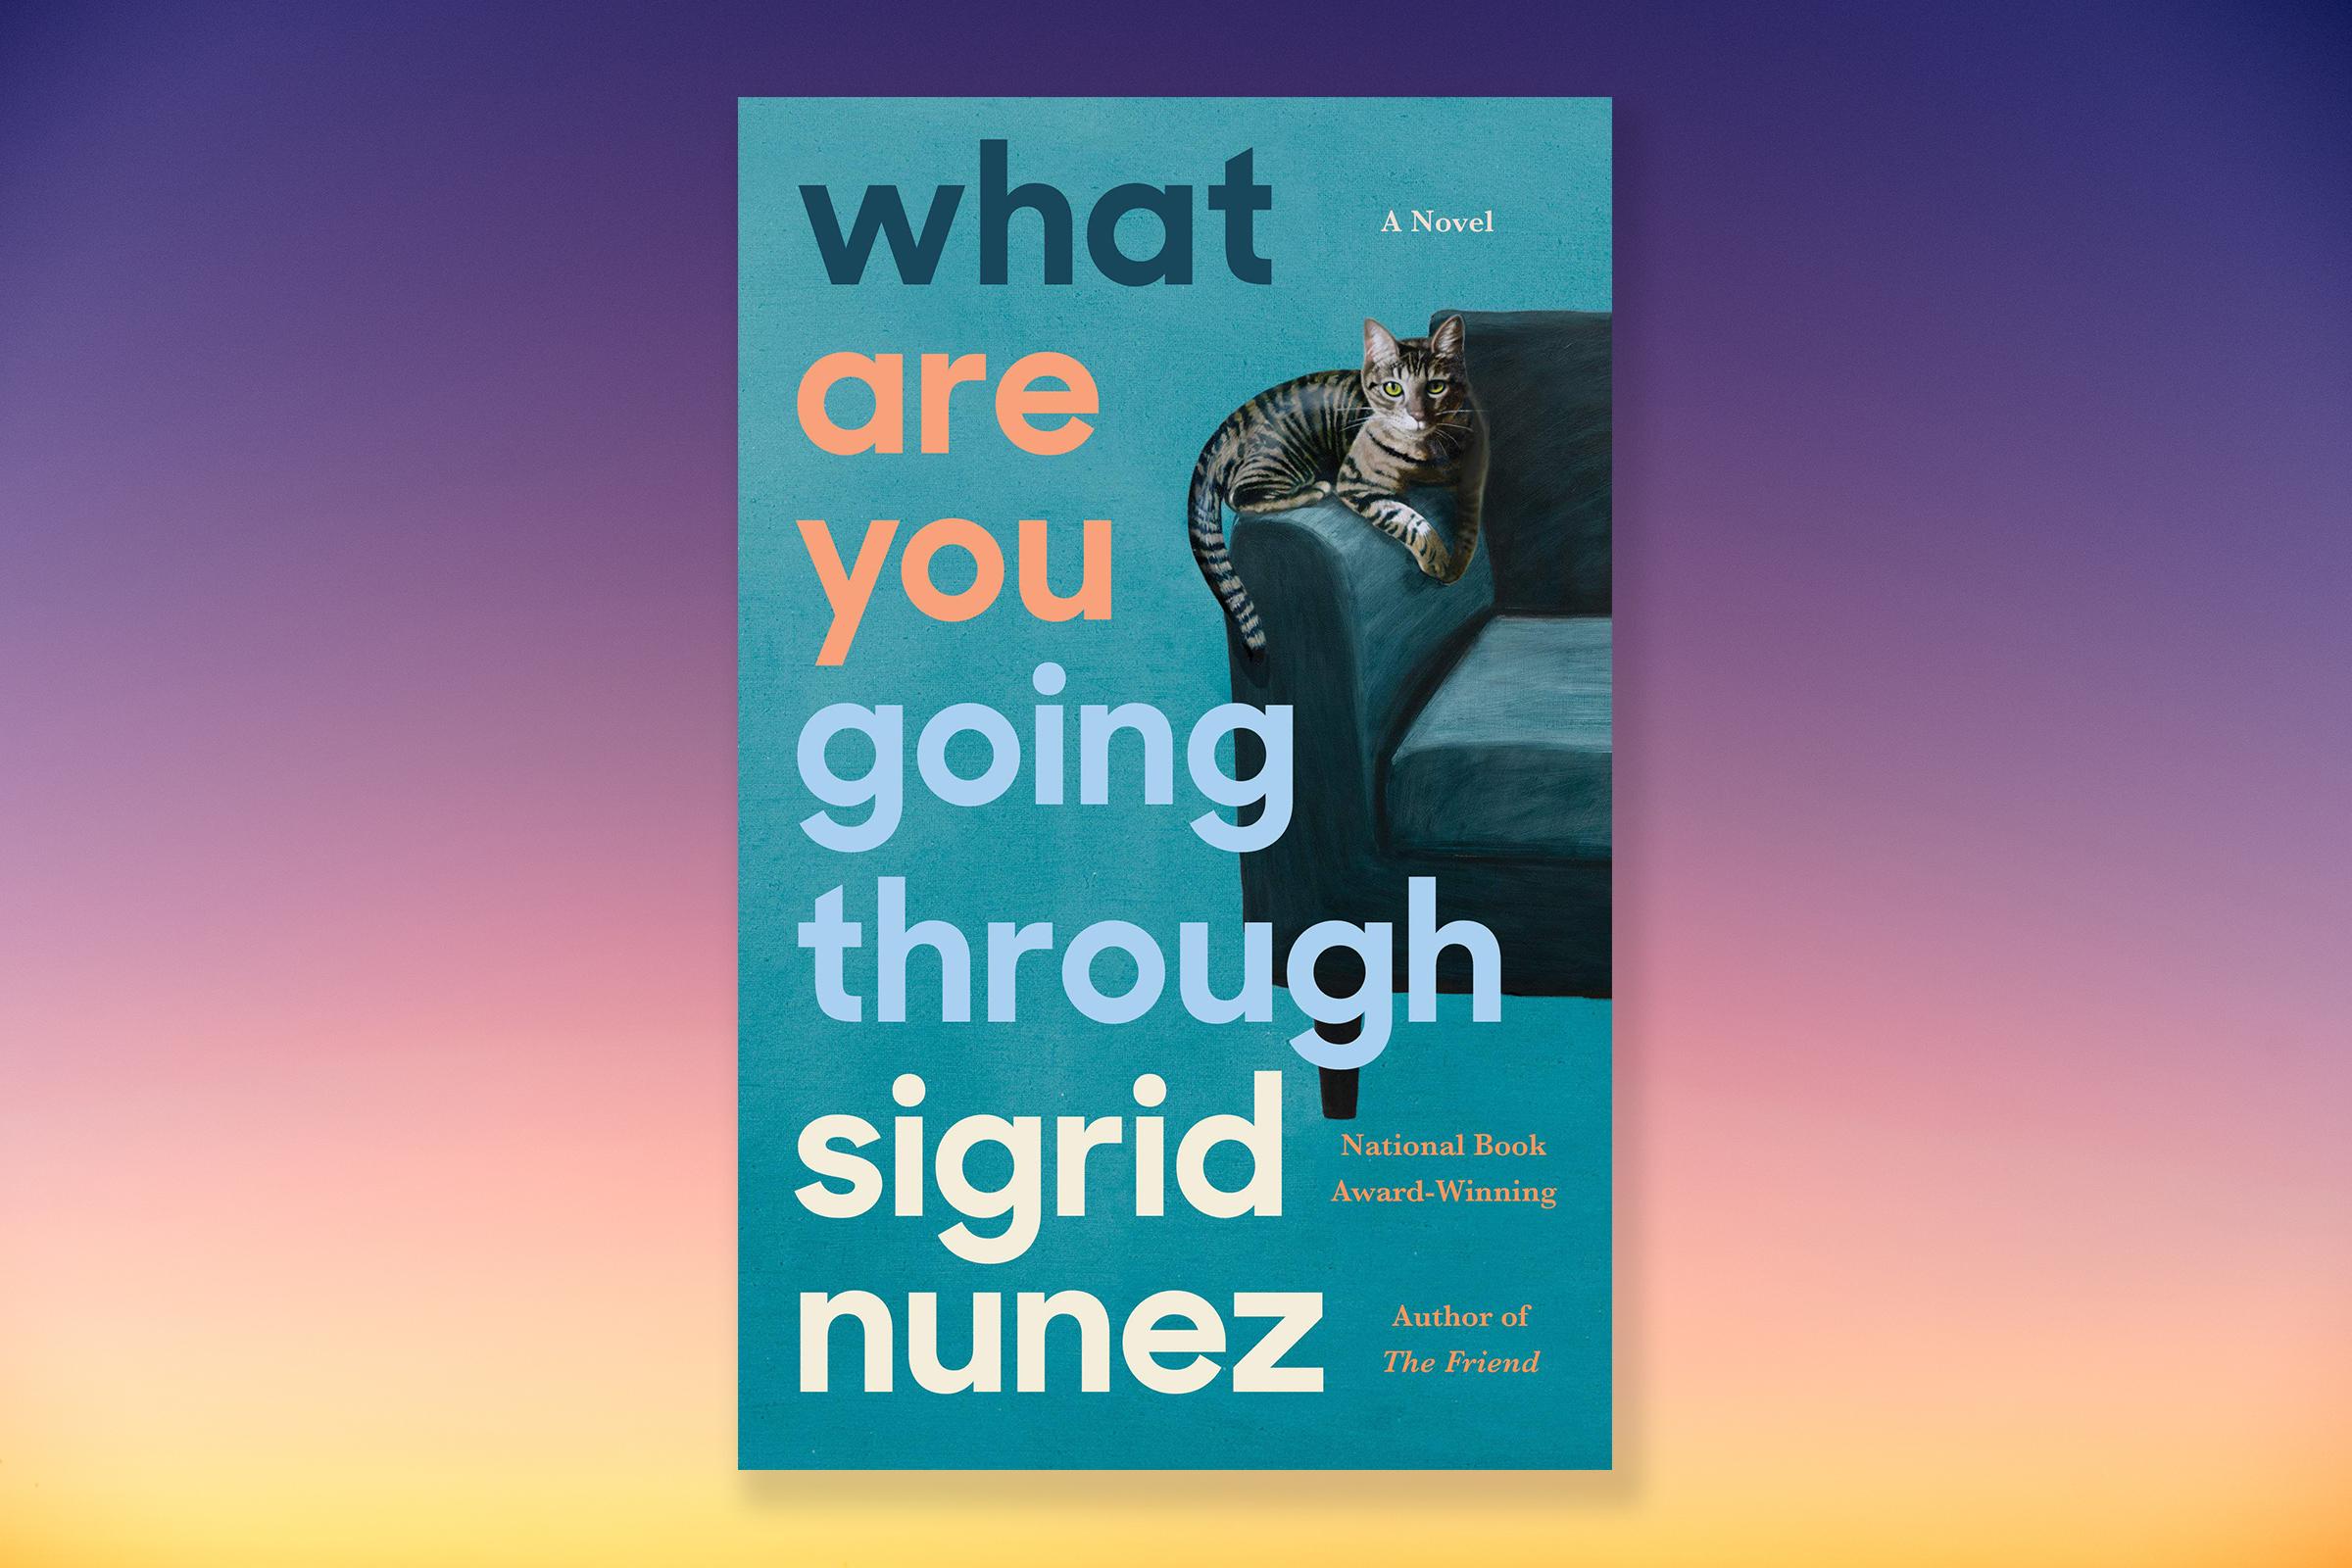 Sigrid Nunez new novel paints a beautiful portrait of grief and loss